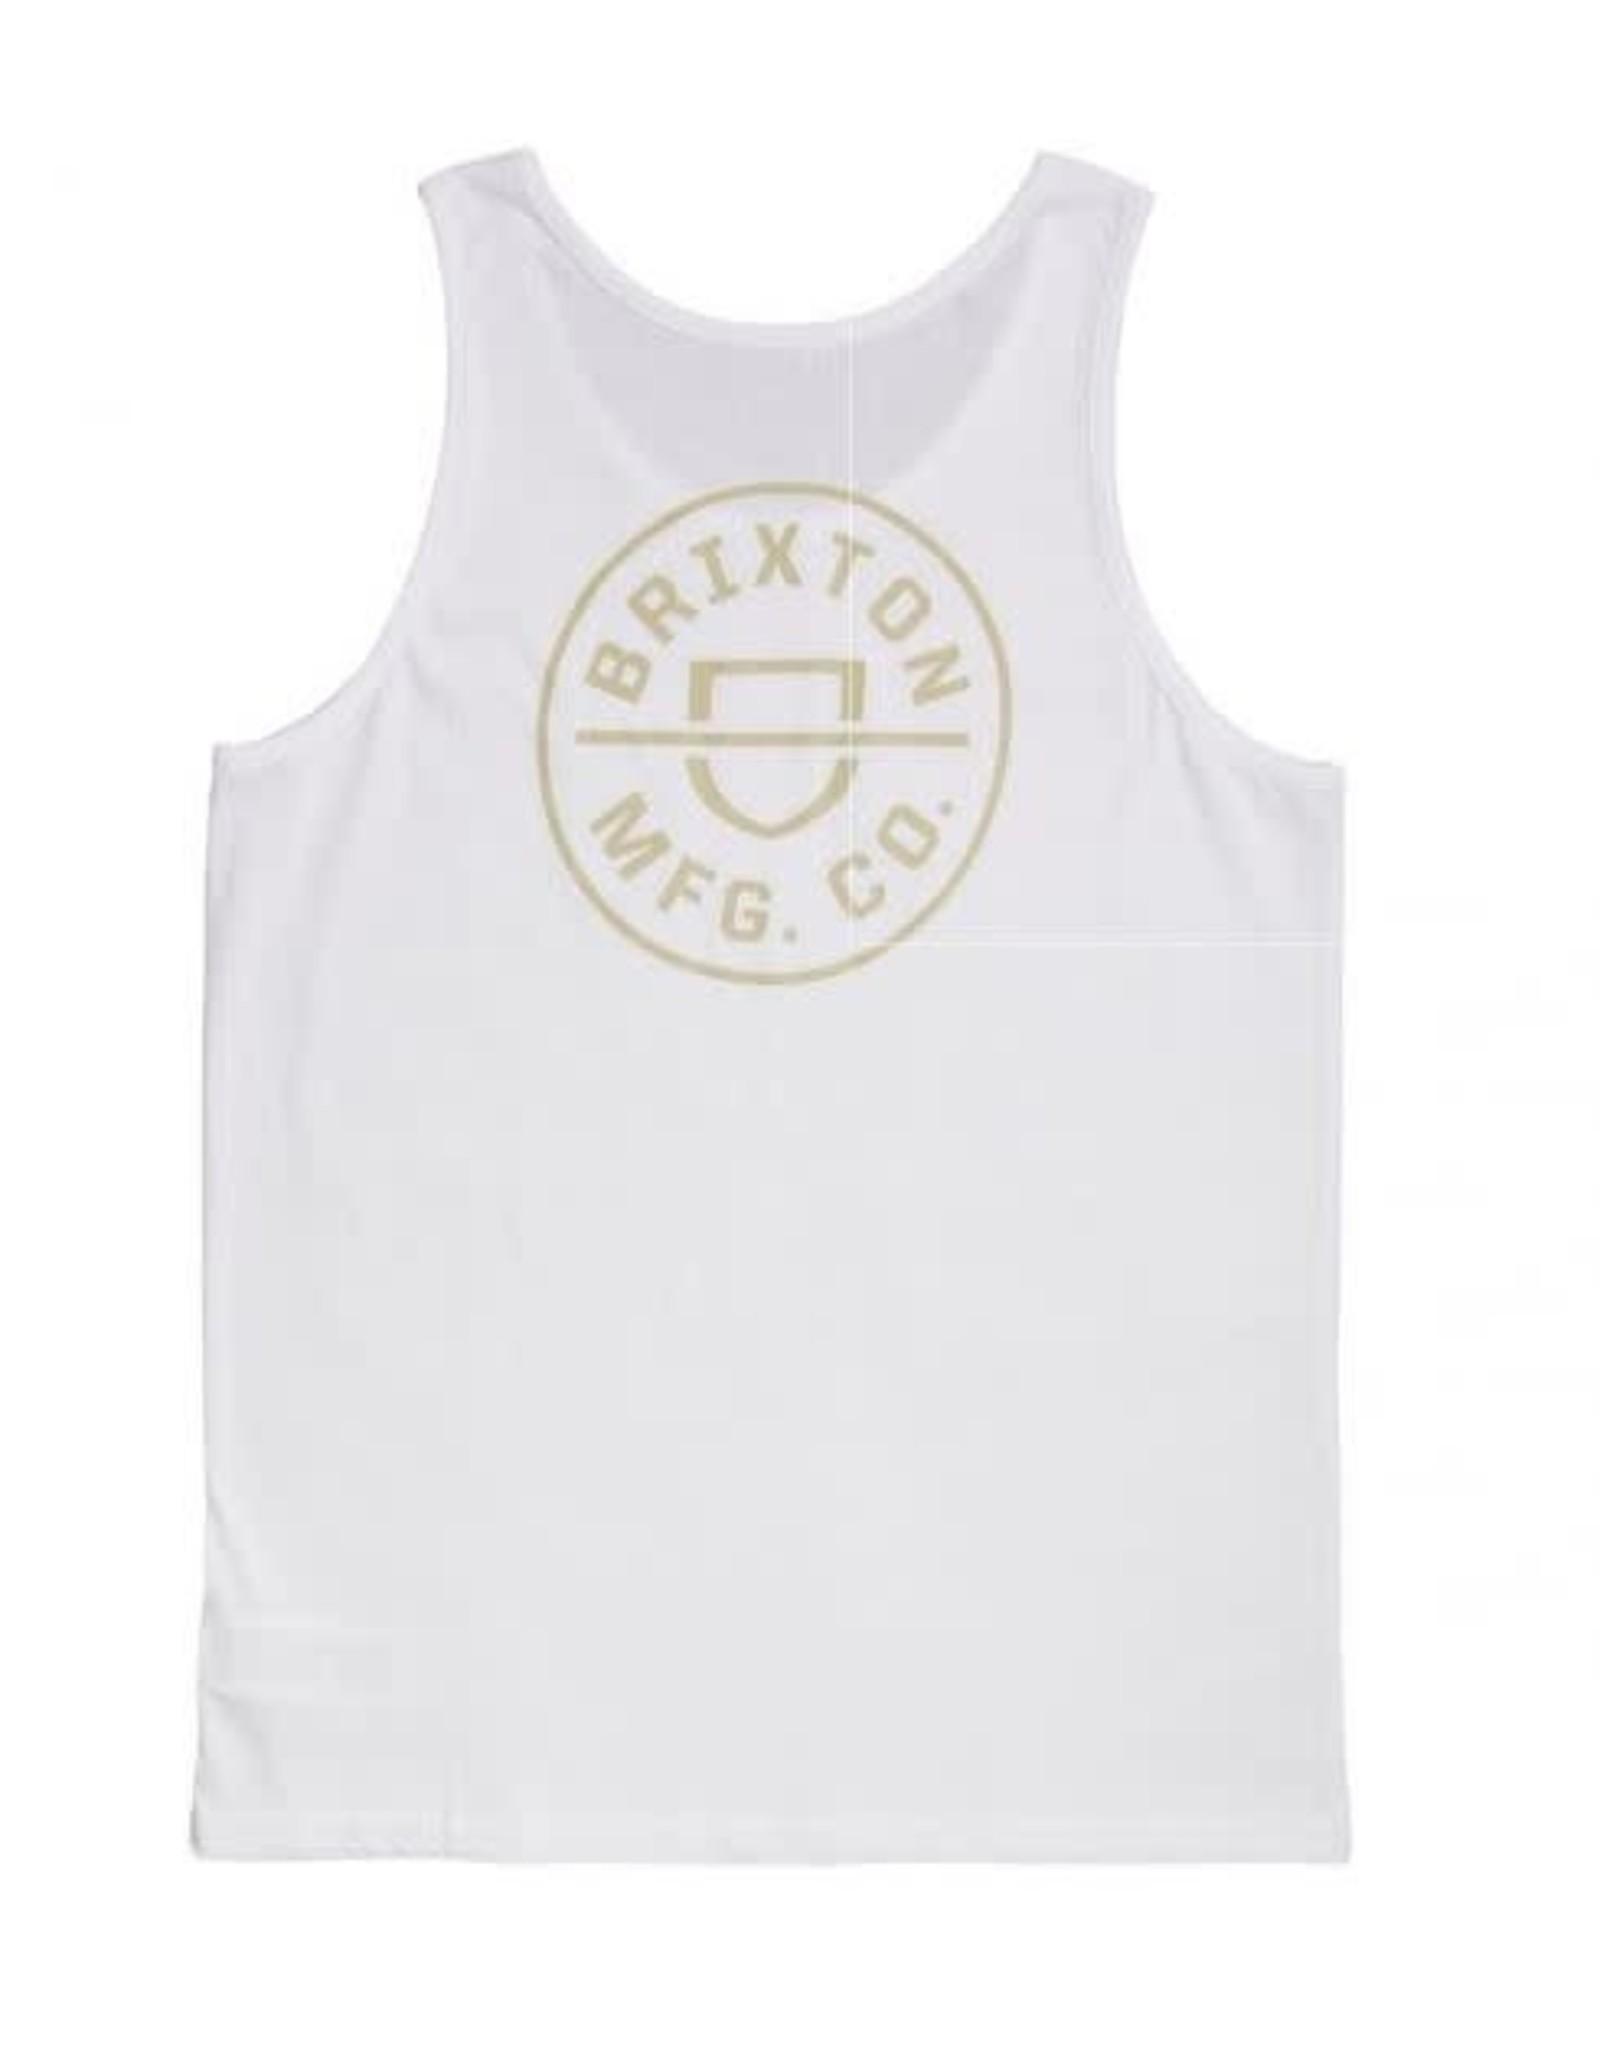 Brixton Brixton - Camisole homme crest white/orange